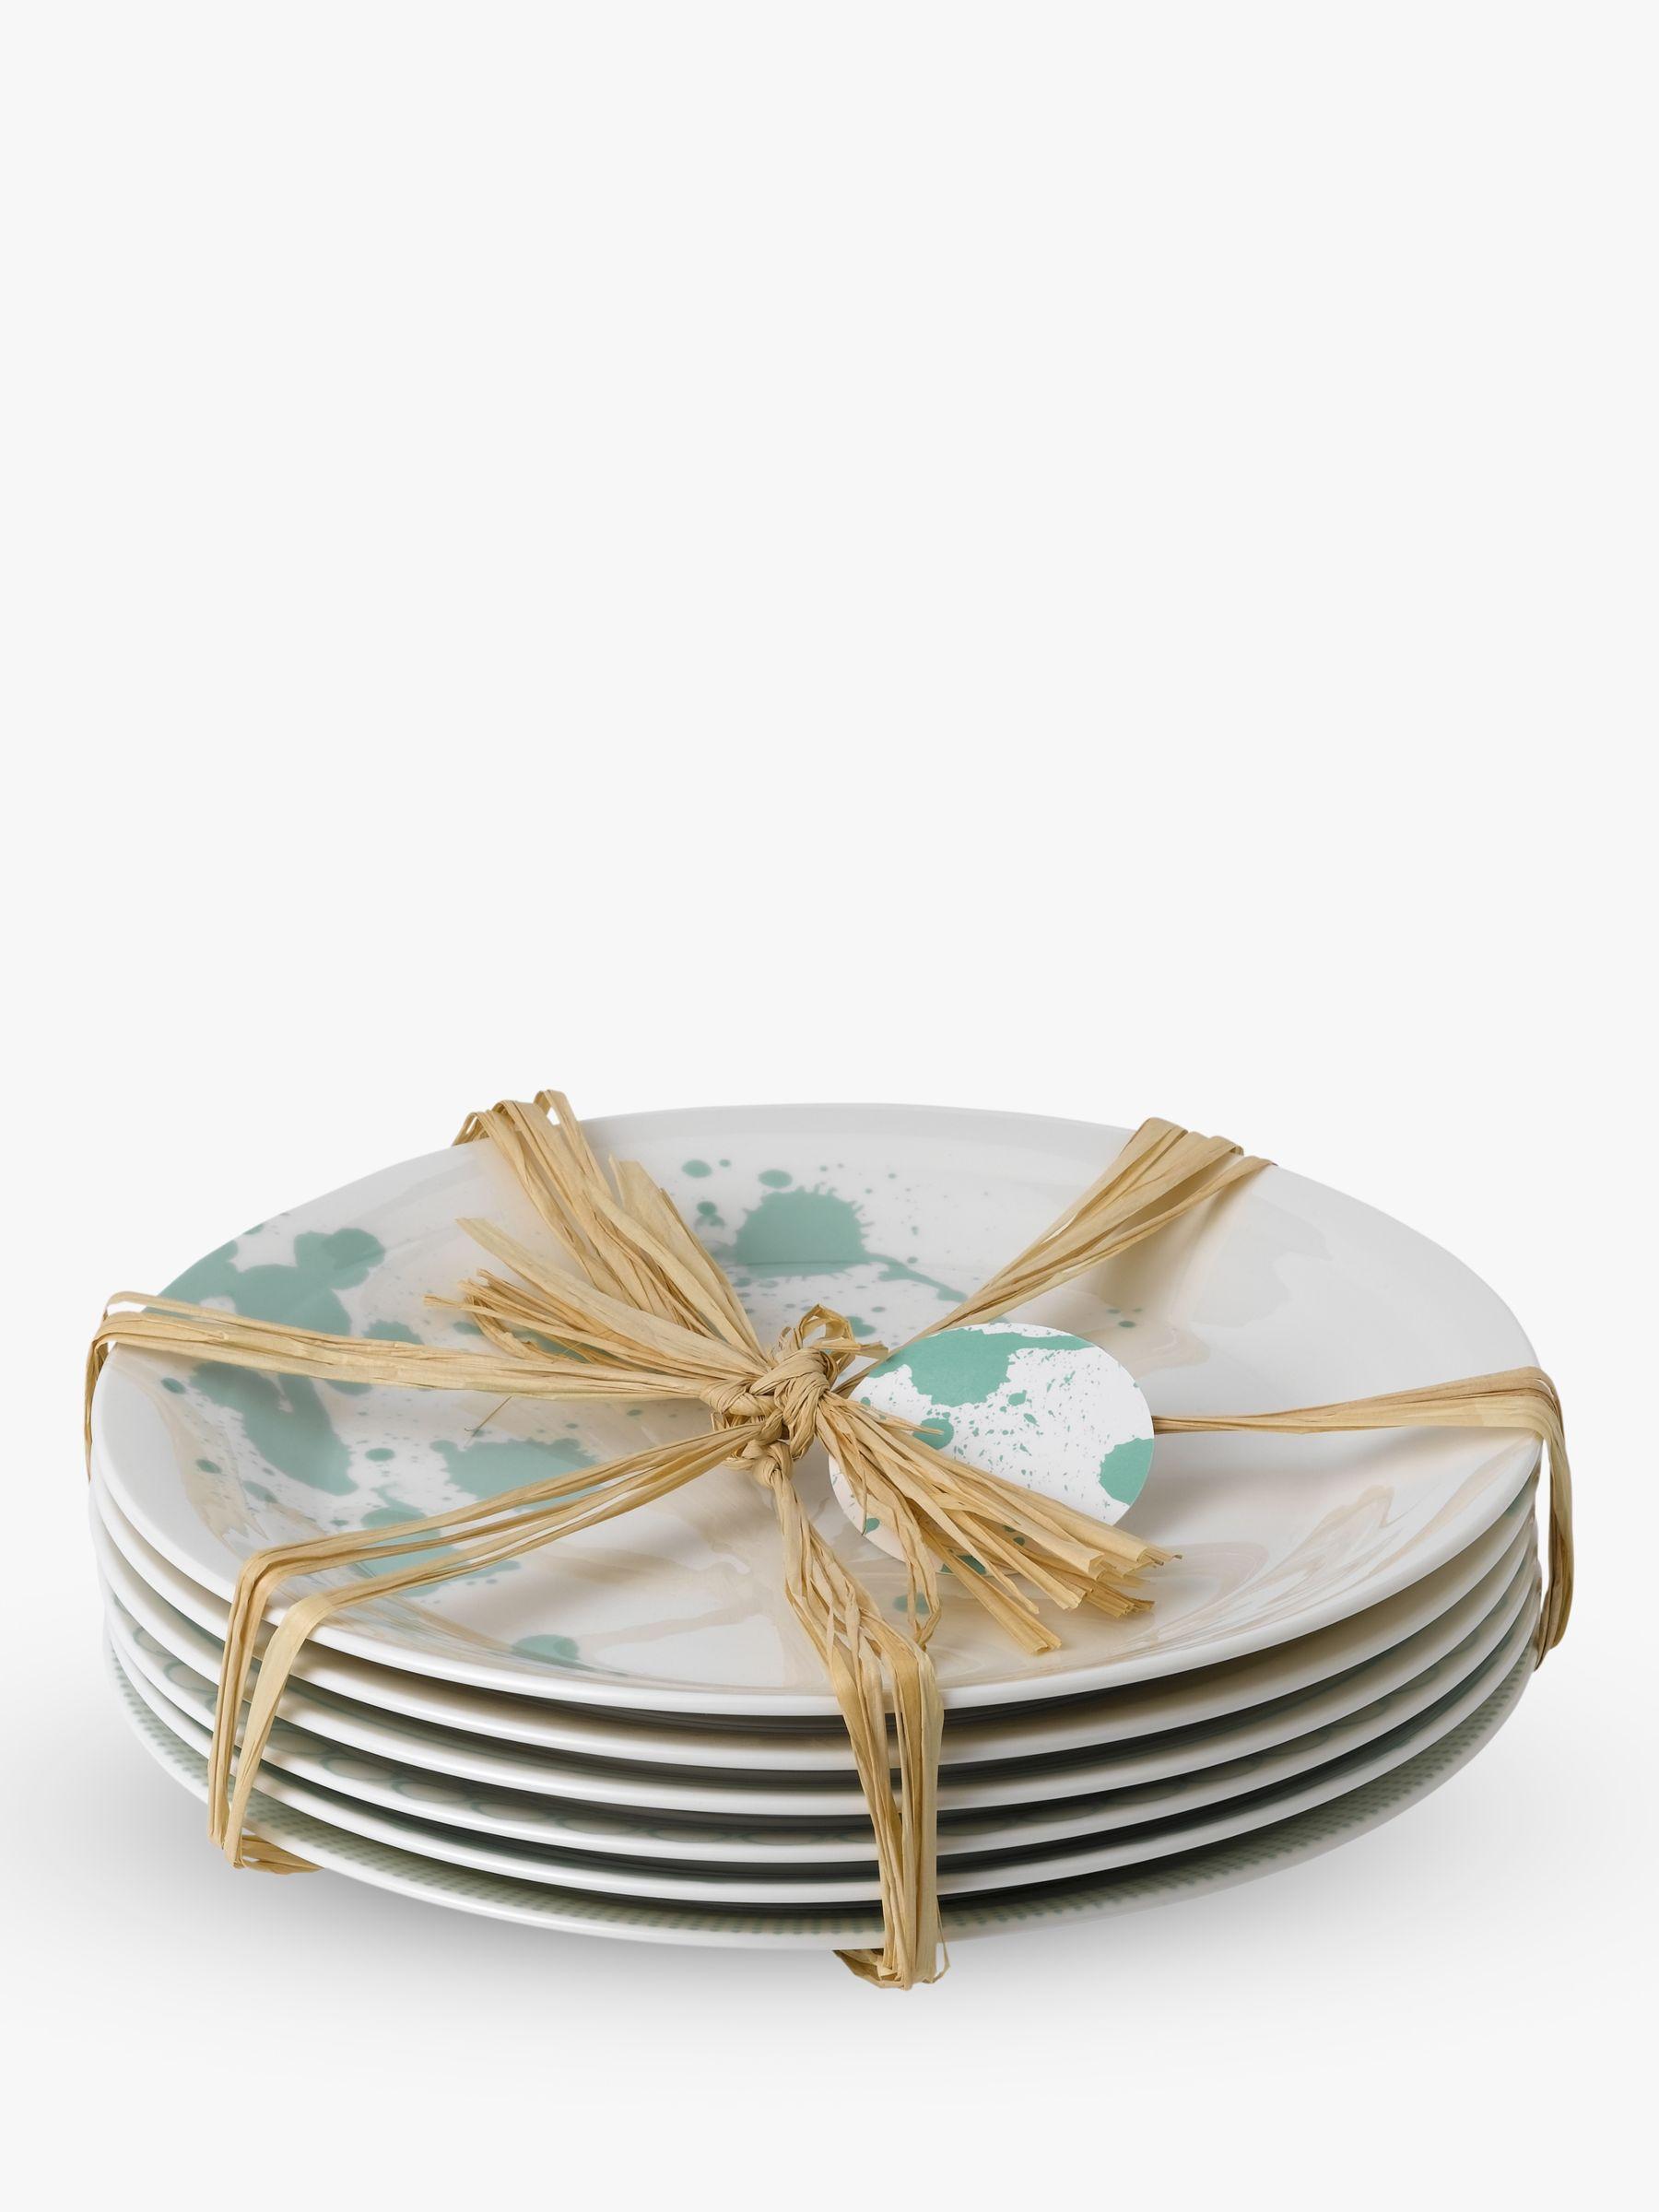 Royal Doulton Royal Doulton Pacific Porcelain Dinner Plates, Set of 6, 28cm, Mint